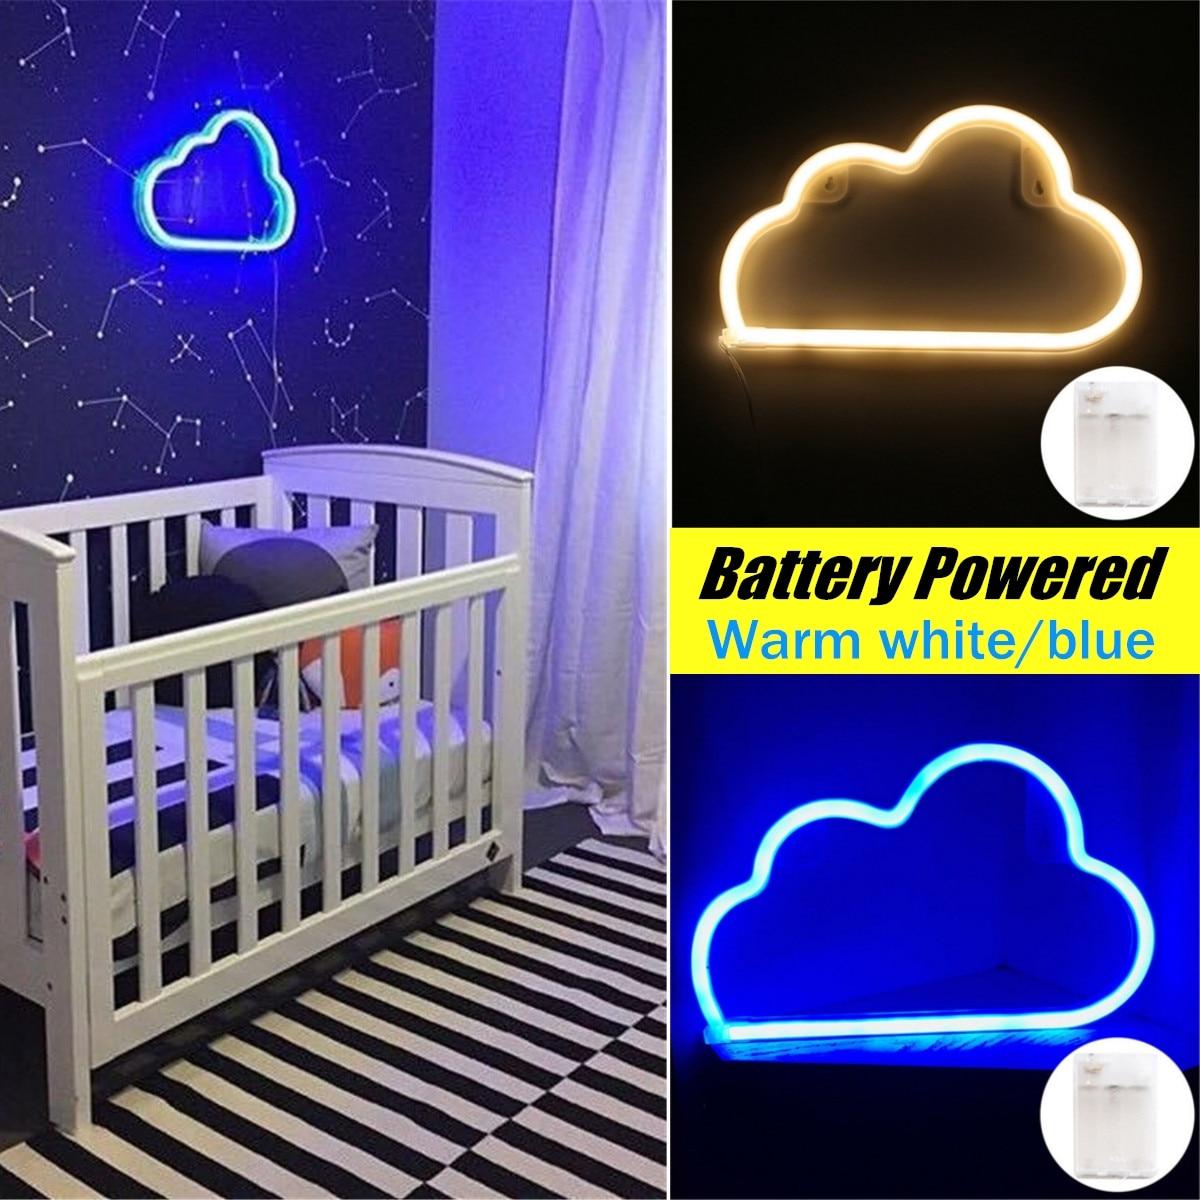 LED letrero de neón de plástico con luz nocturna, lámpara de pared con diseño de nube, adornos de Bar para dormitorio, decoración de fiesta navideña, regalos de iluminación de vacaciones